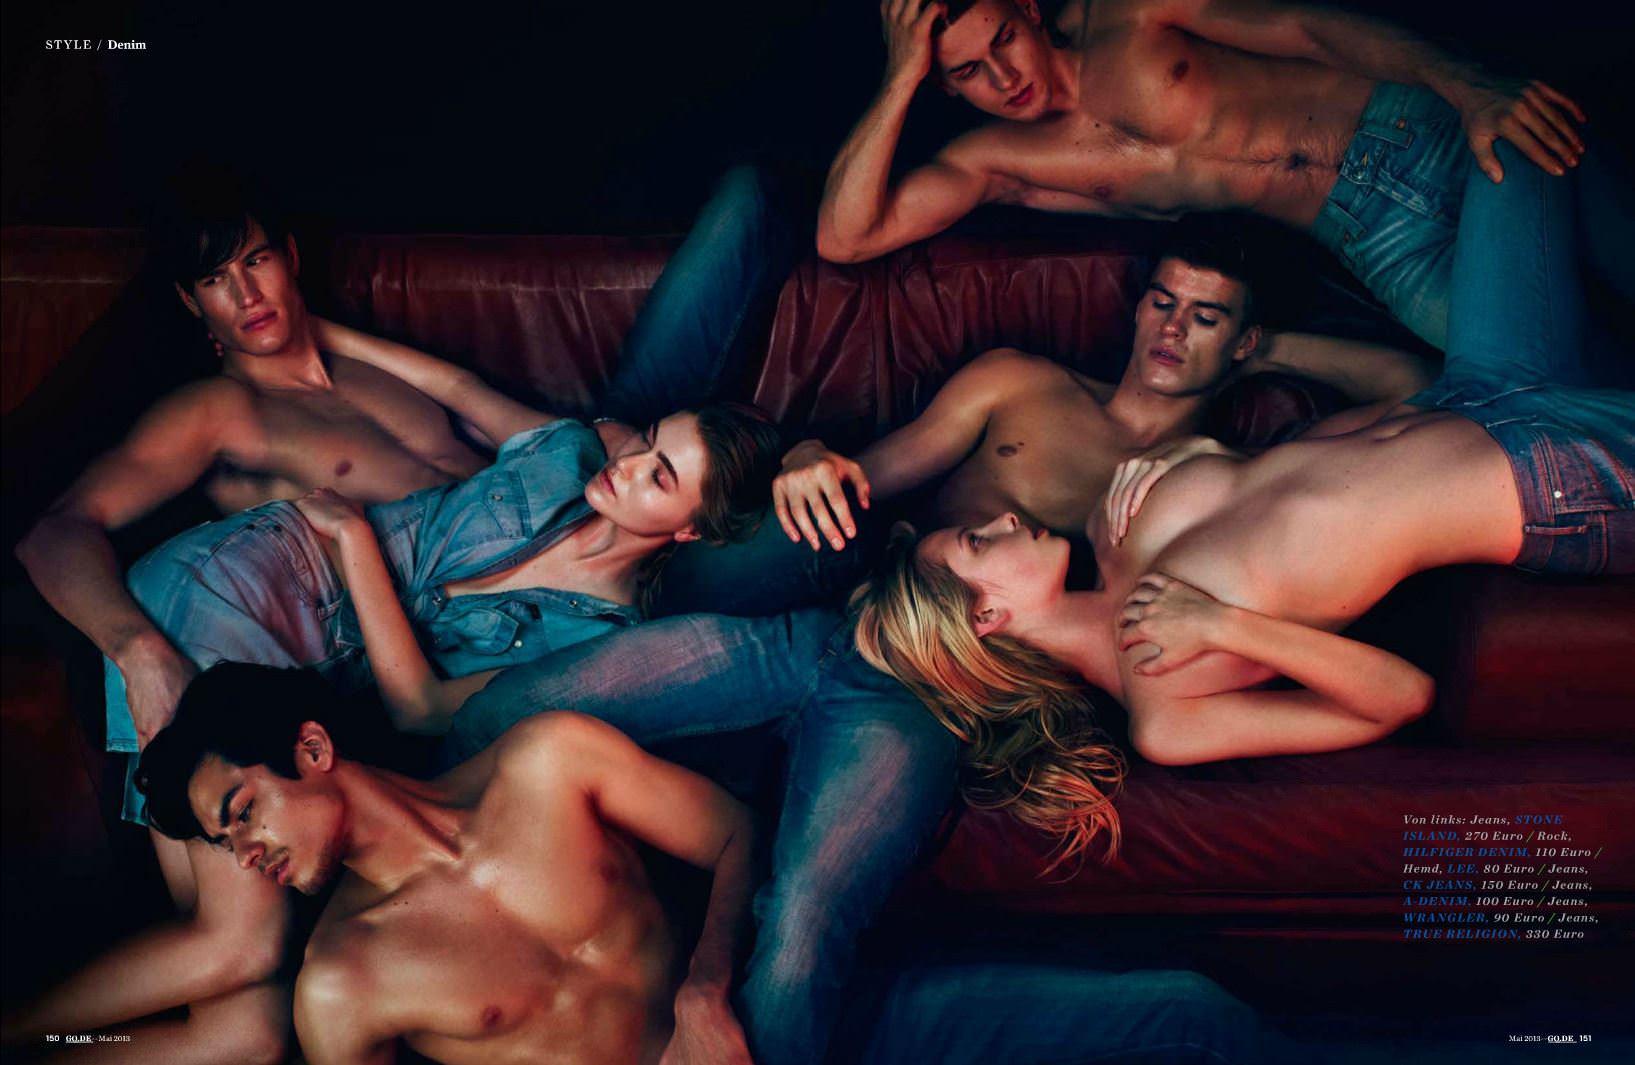 【外人】オランダアムステルダム出身のディオニ・タバーズ(Dioni Tabbers)が美乳おっぱいで挑発するポルノ画像 1974